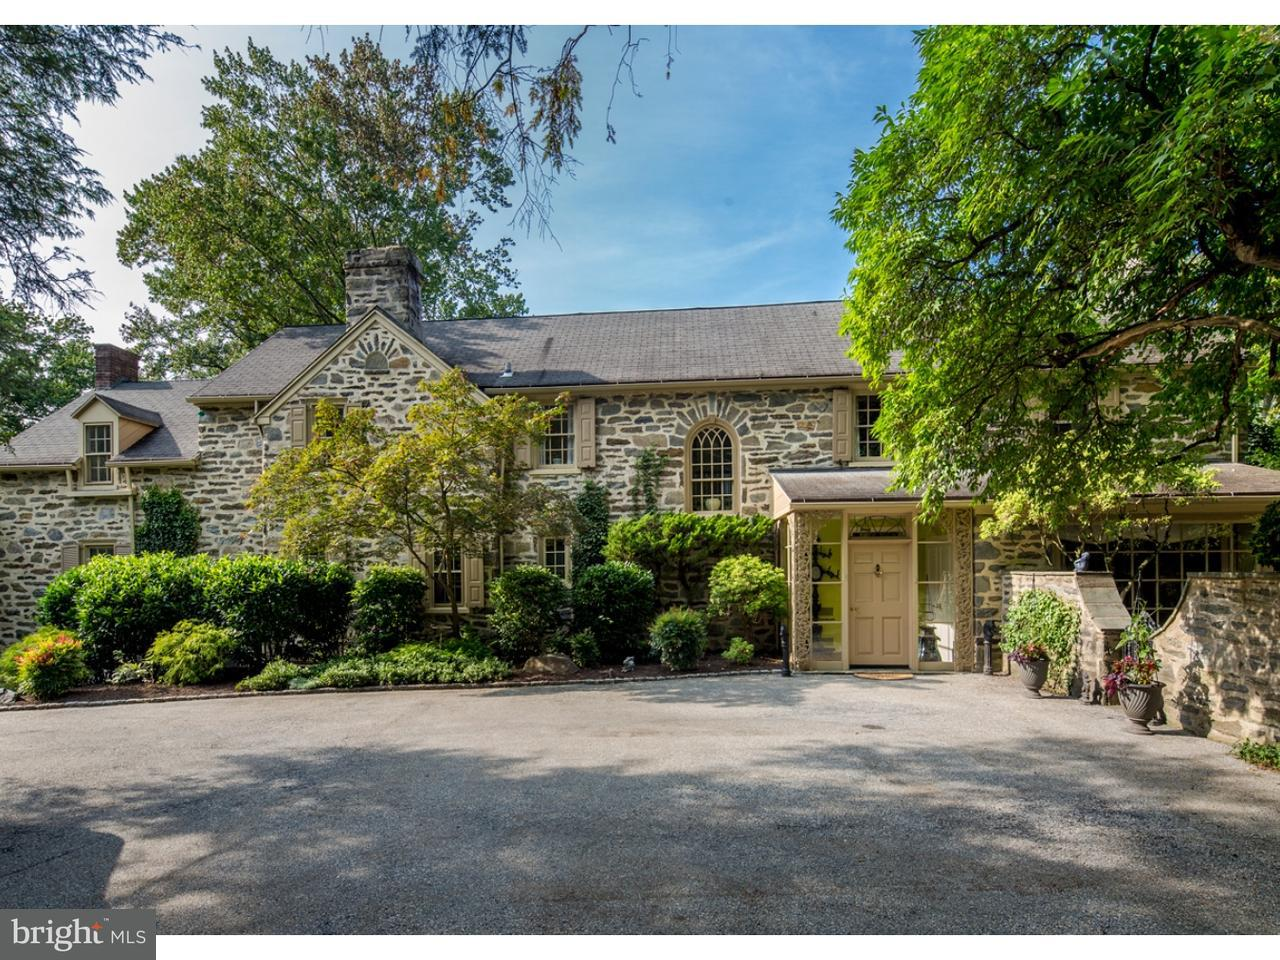 Частный односемейный дом для того Продажа на 129 E OLD GULPH Road Wynnewood, Пенсильвания 19096 Соединенные Штаты